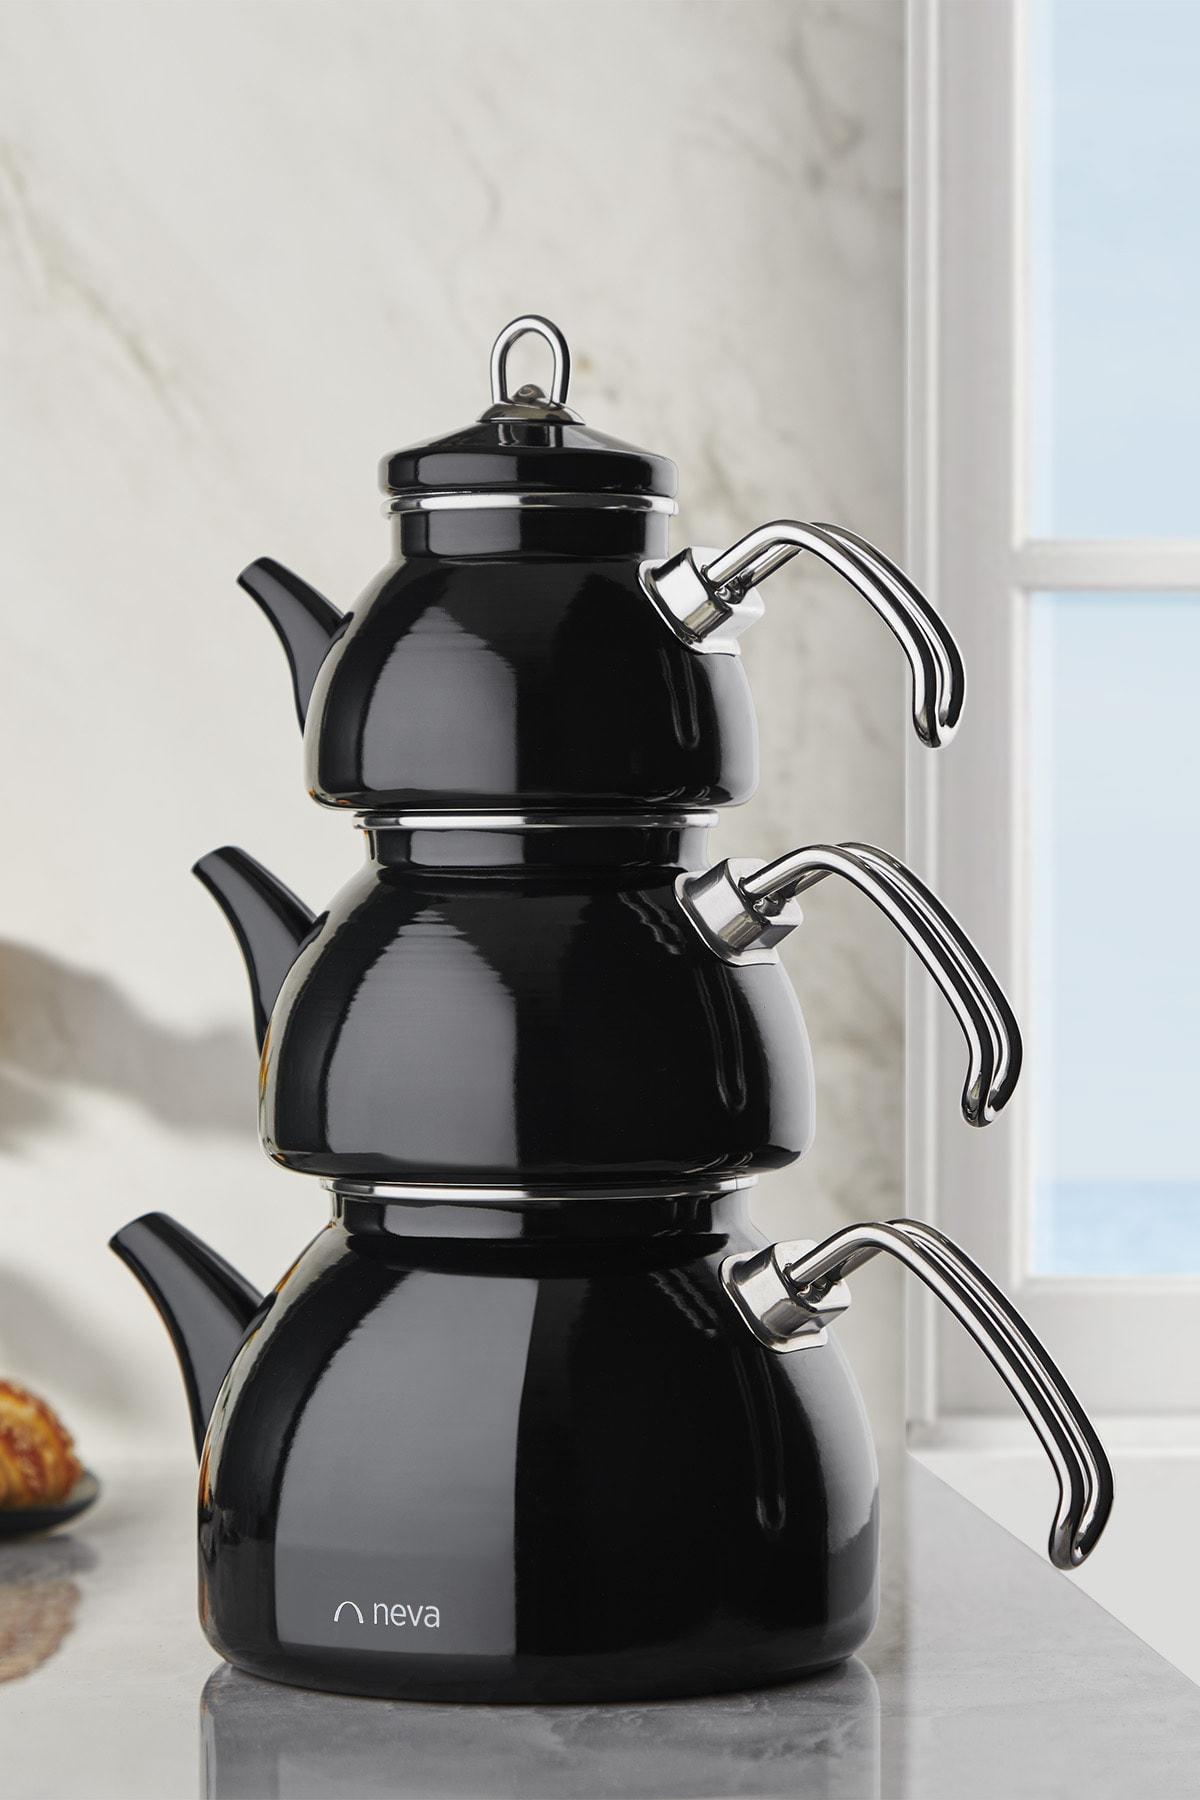 Nv10021 Siyah Emaye 3 Katlı Çaydanlık Takımı